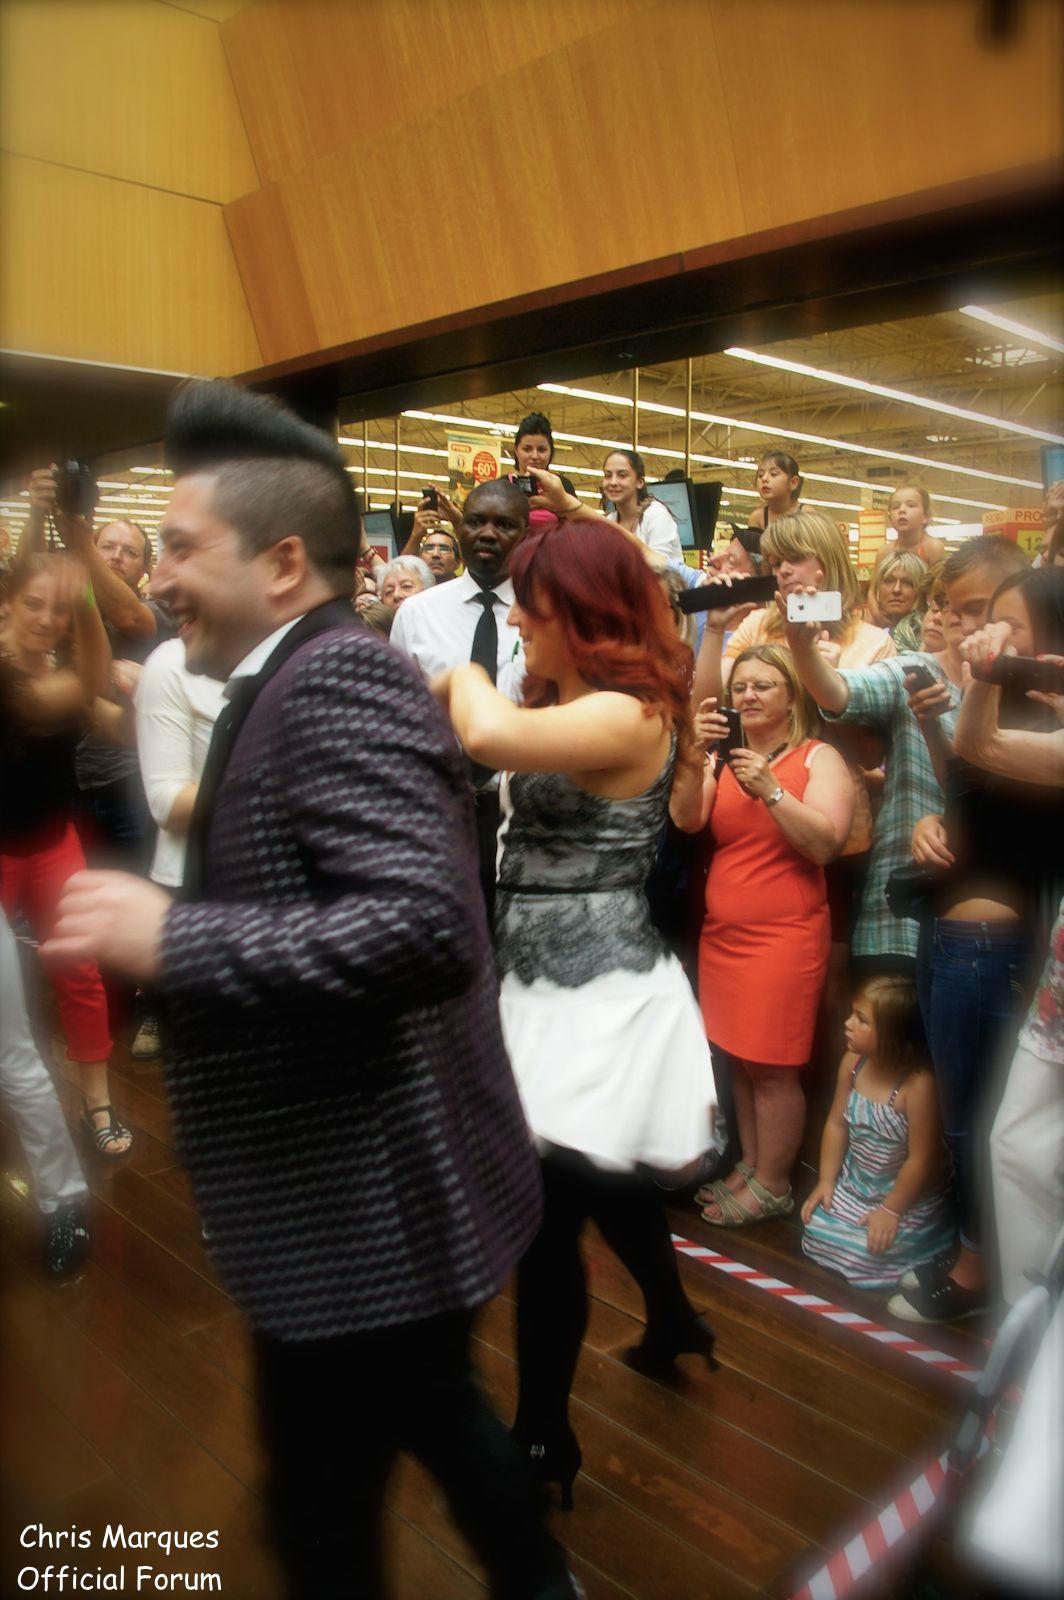 [14.06.2014] Evénement à #Colmar Chris Marques et Jaclyn Spencer pour un Flashmob/Cours de Danse/Dédicaces exceptionnels le tout organisé par la MJC de Colmar 1612